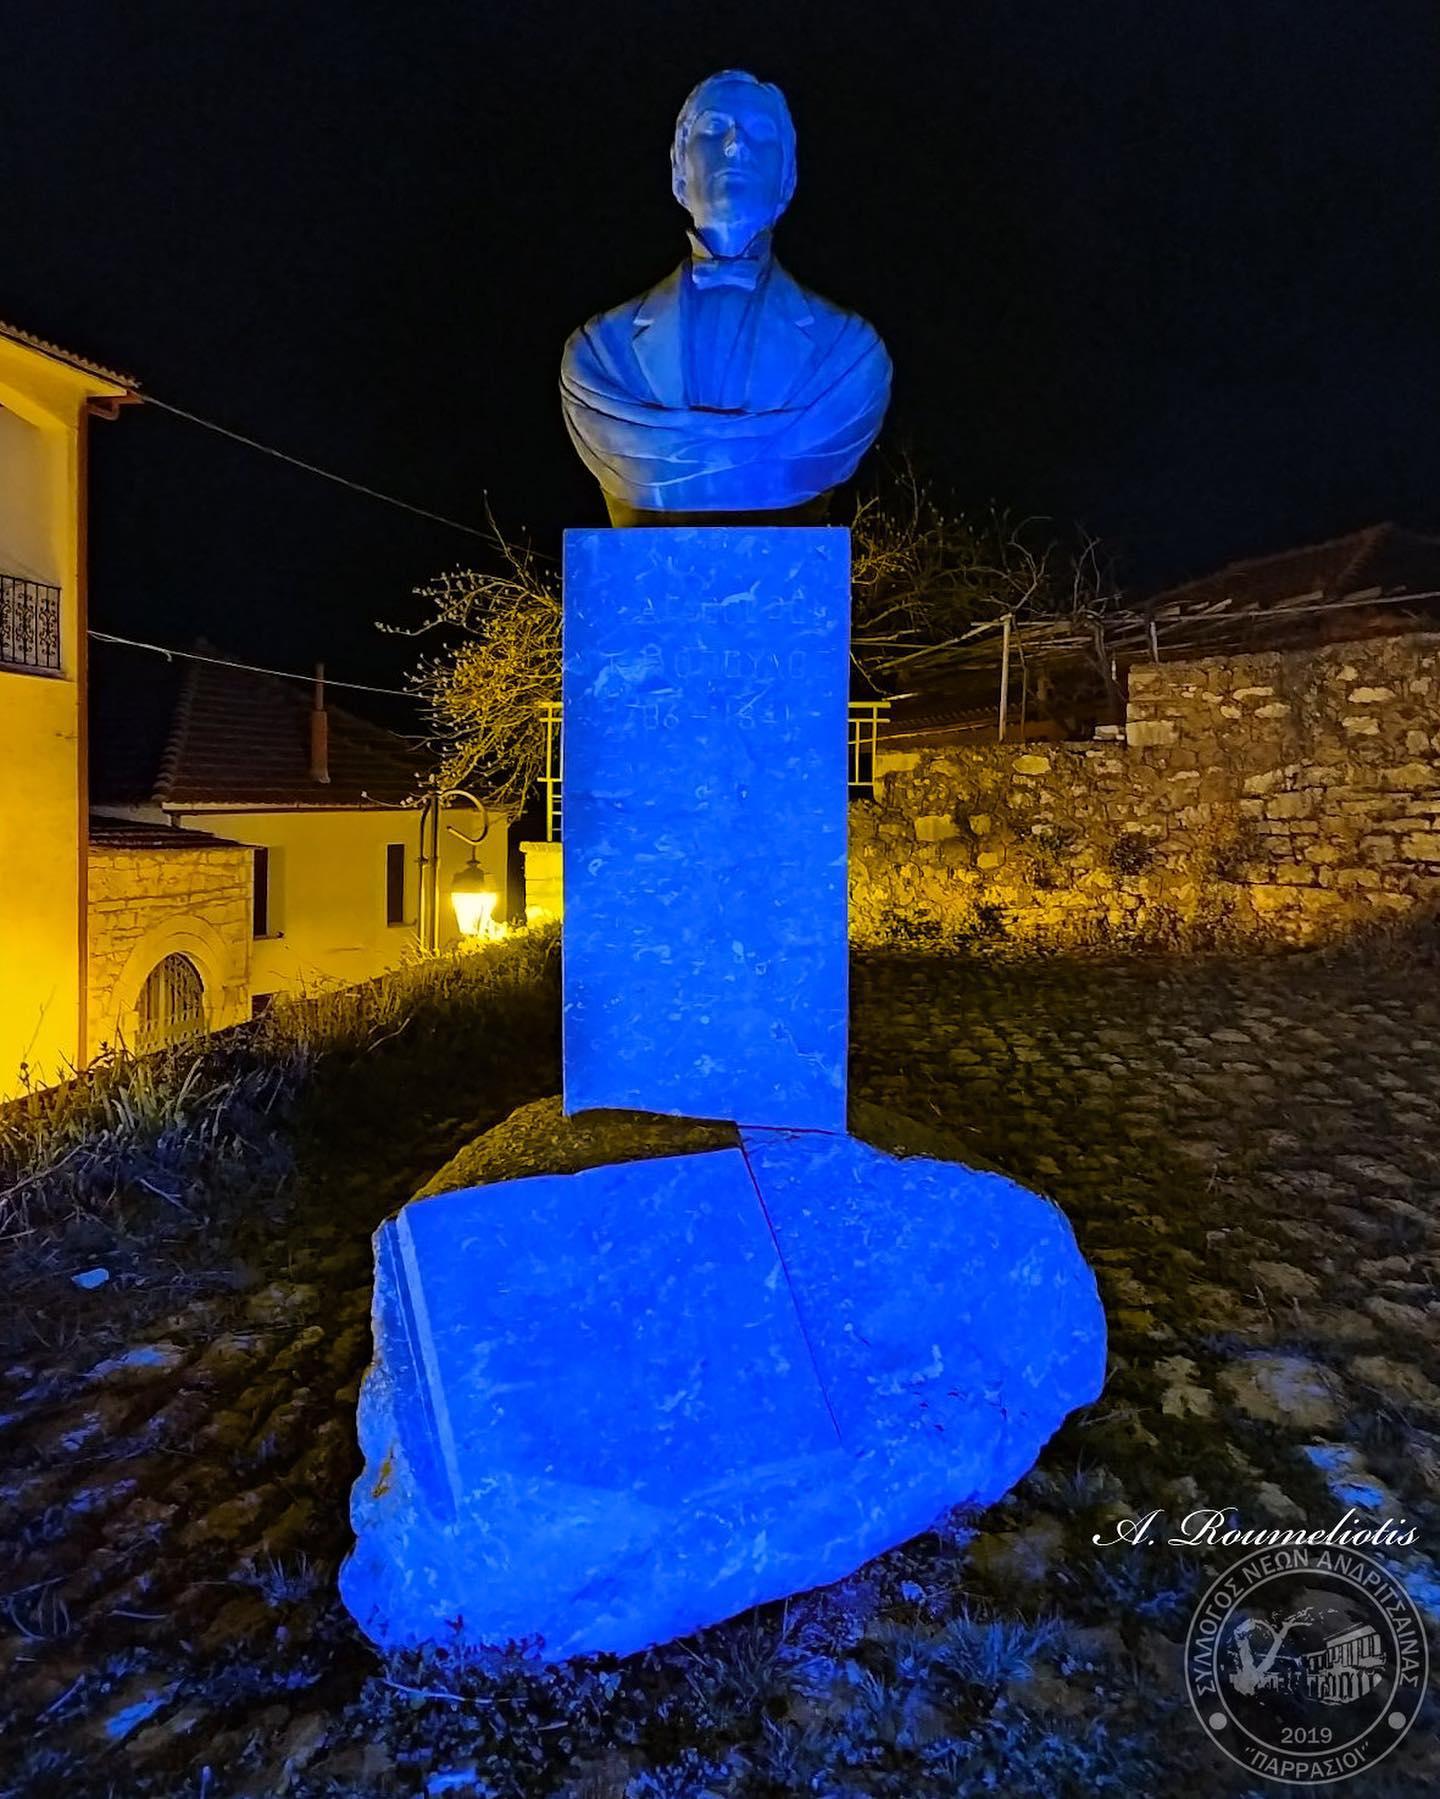 """Σύλλογος Νέων Ανδρίτσαινας """"Παρράσιοι: Φωταγώγησε με μπλε χρώμα εμβληματικά κτίρια και αγάλματα της Ανδρίτσαινας για τα 200 χρόνια από το 1821 (photos)"""